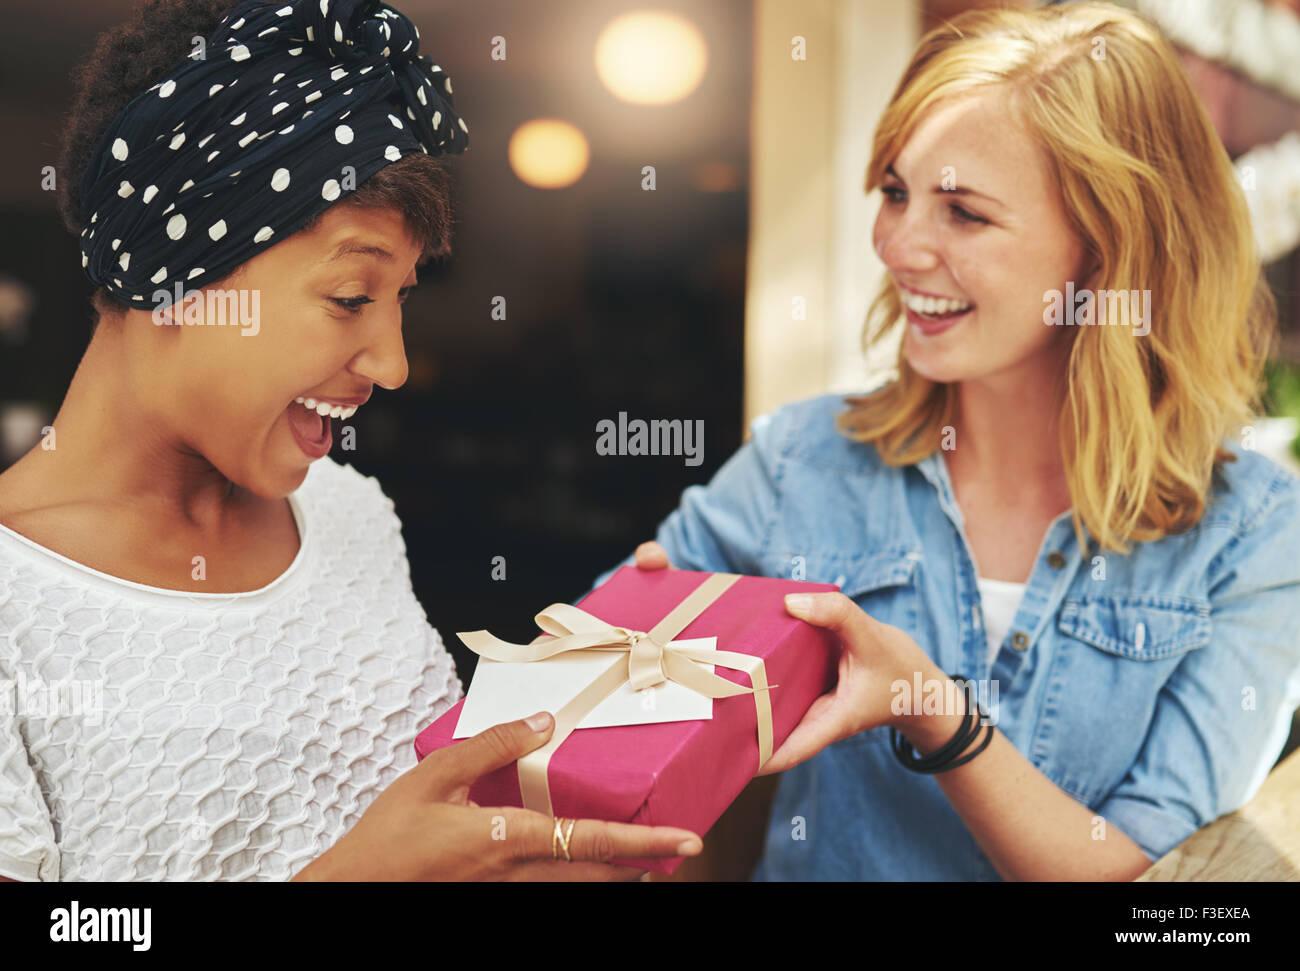 Jolie jeune femme blonde donnant un beau young African American friend un cadeau surprise cadeau avec du papier Photo Stock